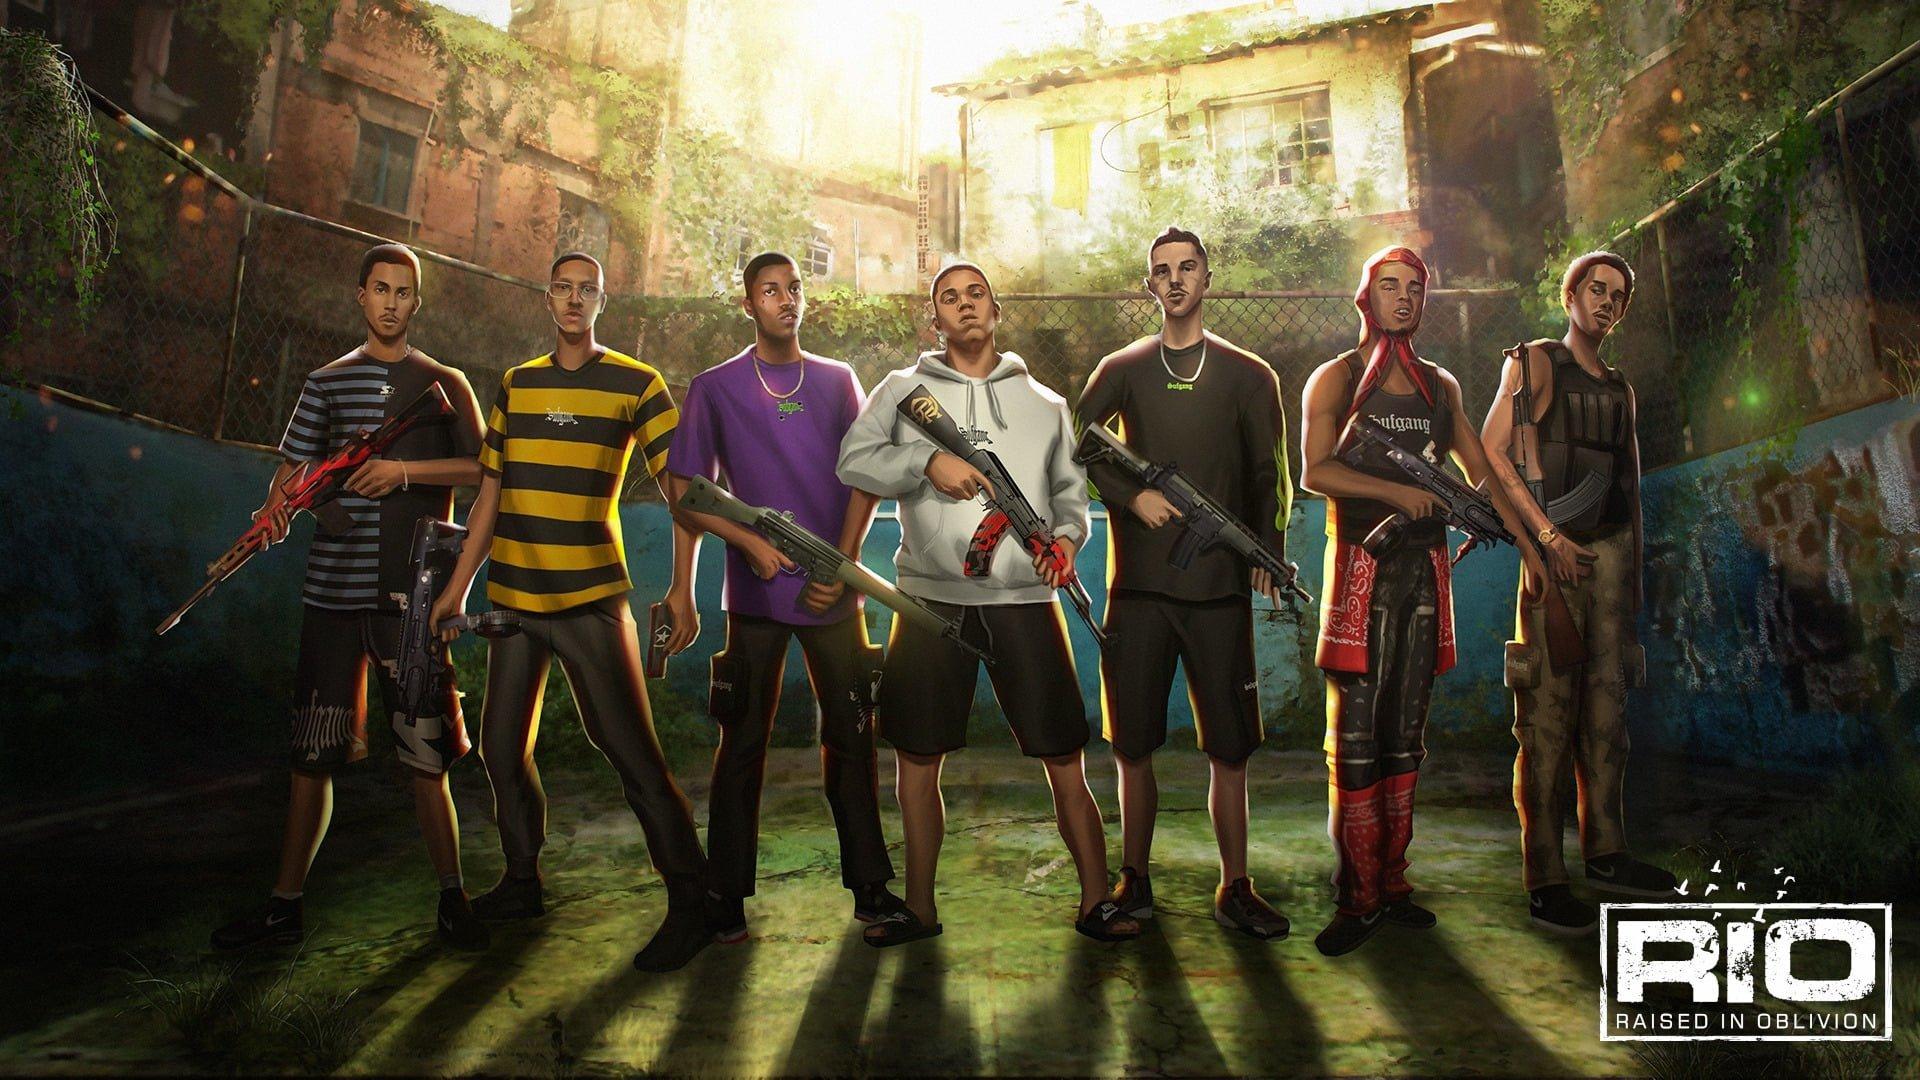 RIO Raised In Oblivion é um jogo de sobrevivência brasileiro criado pela First Phoenix Studio e está chamando a atenção pelos seus gráficos.